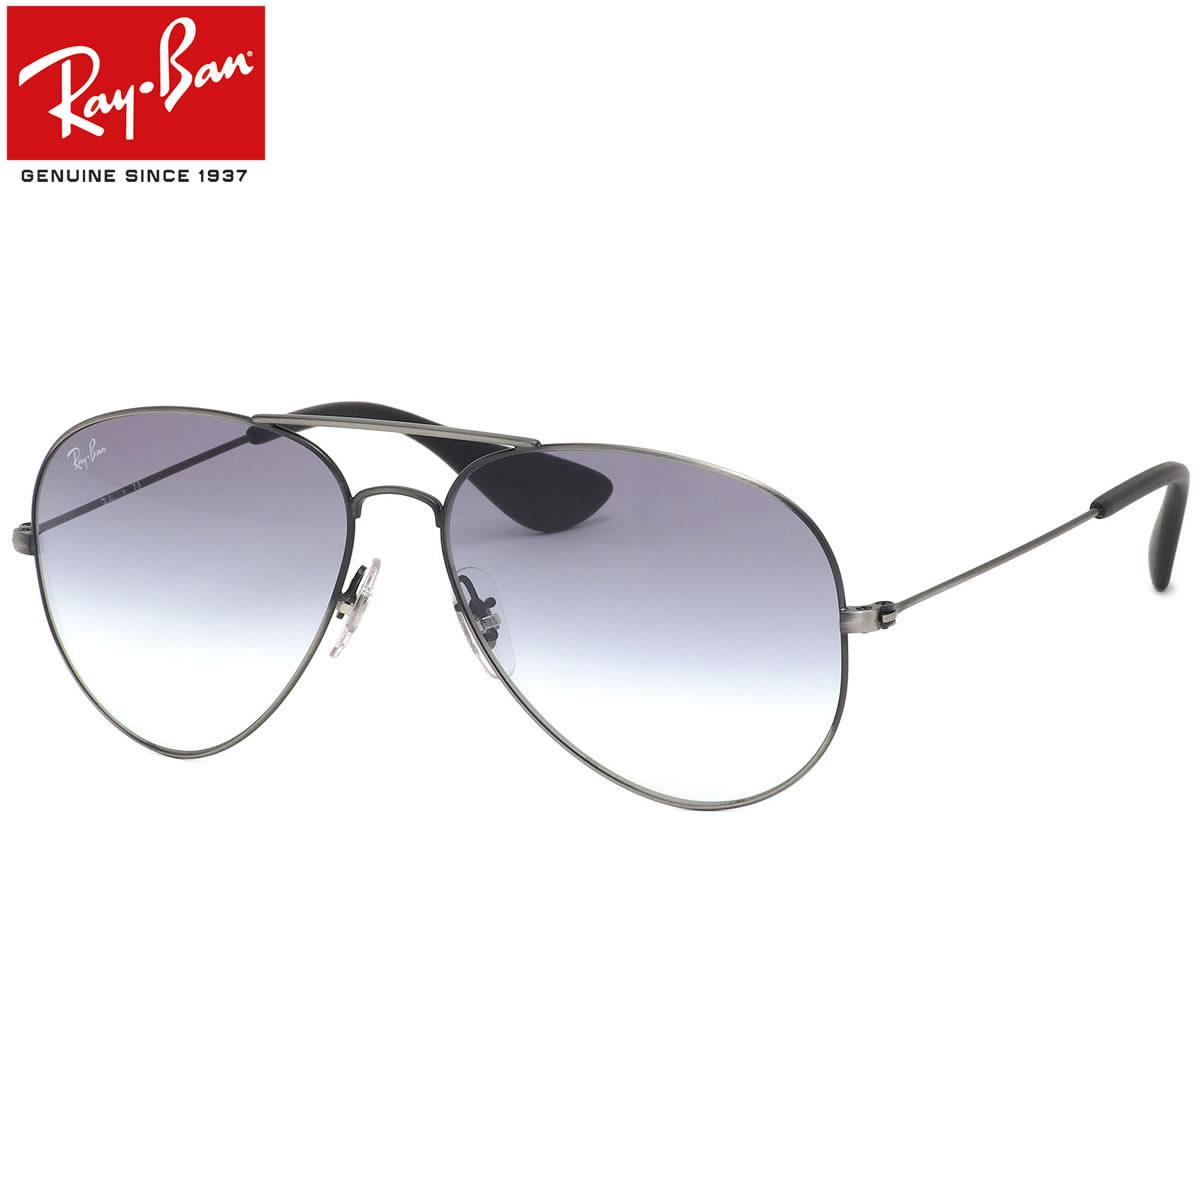 レイバン サングラス Ray-Ban RB3558 913919 58サイズ AVIATOR アビエーター レディースモデル パイロット ティアドロップ RayBan ダブルブリッジ レトロ ブルー